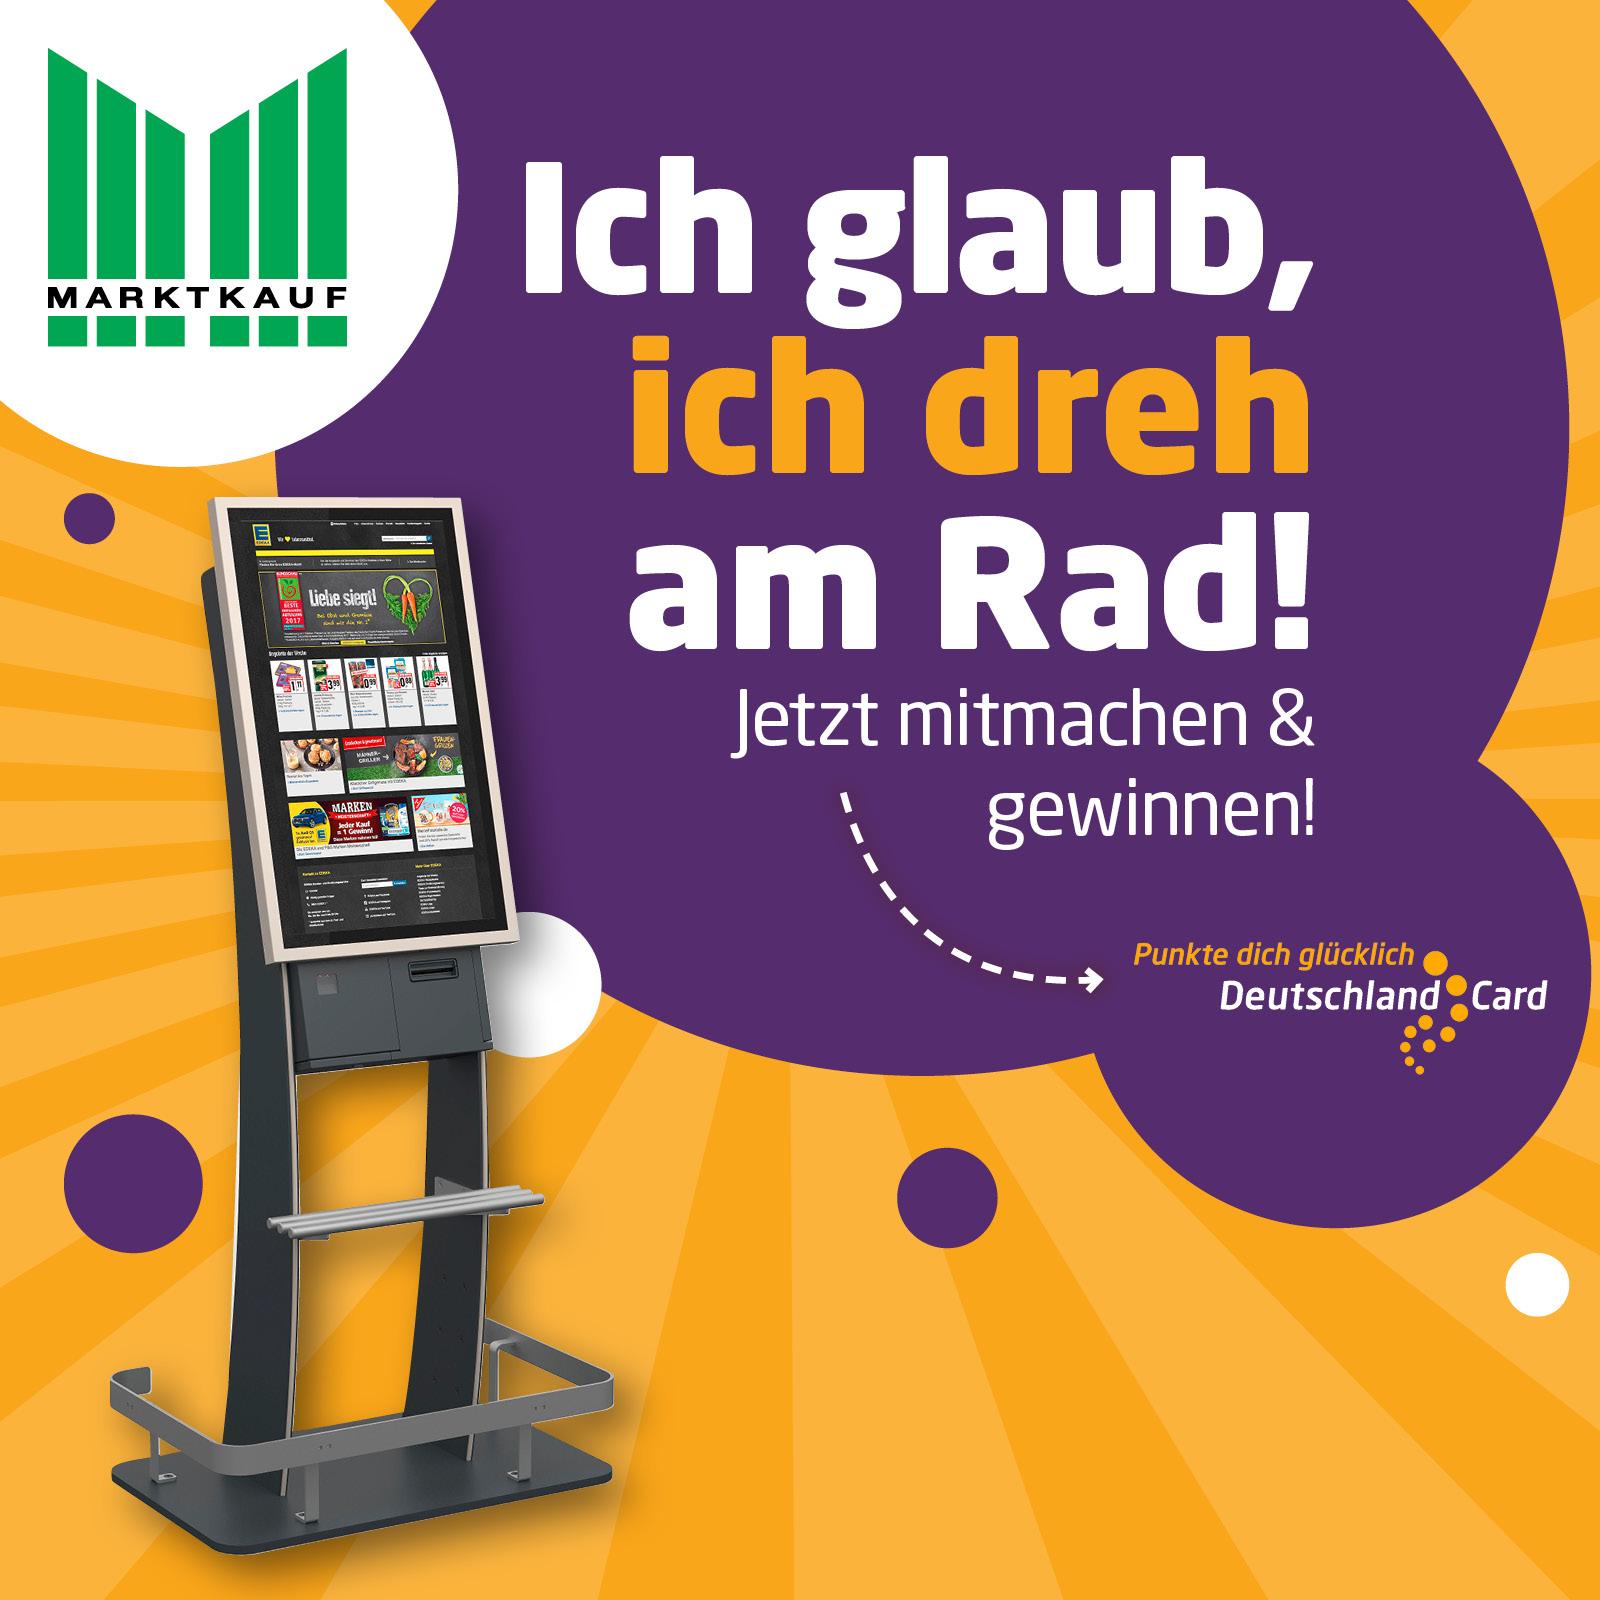 DeutschlandCard Glückrad in deinem Markt - punkte dich glücklich